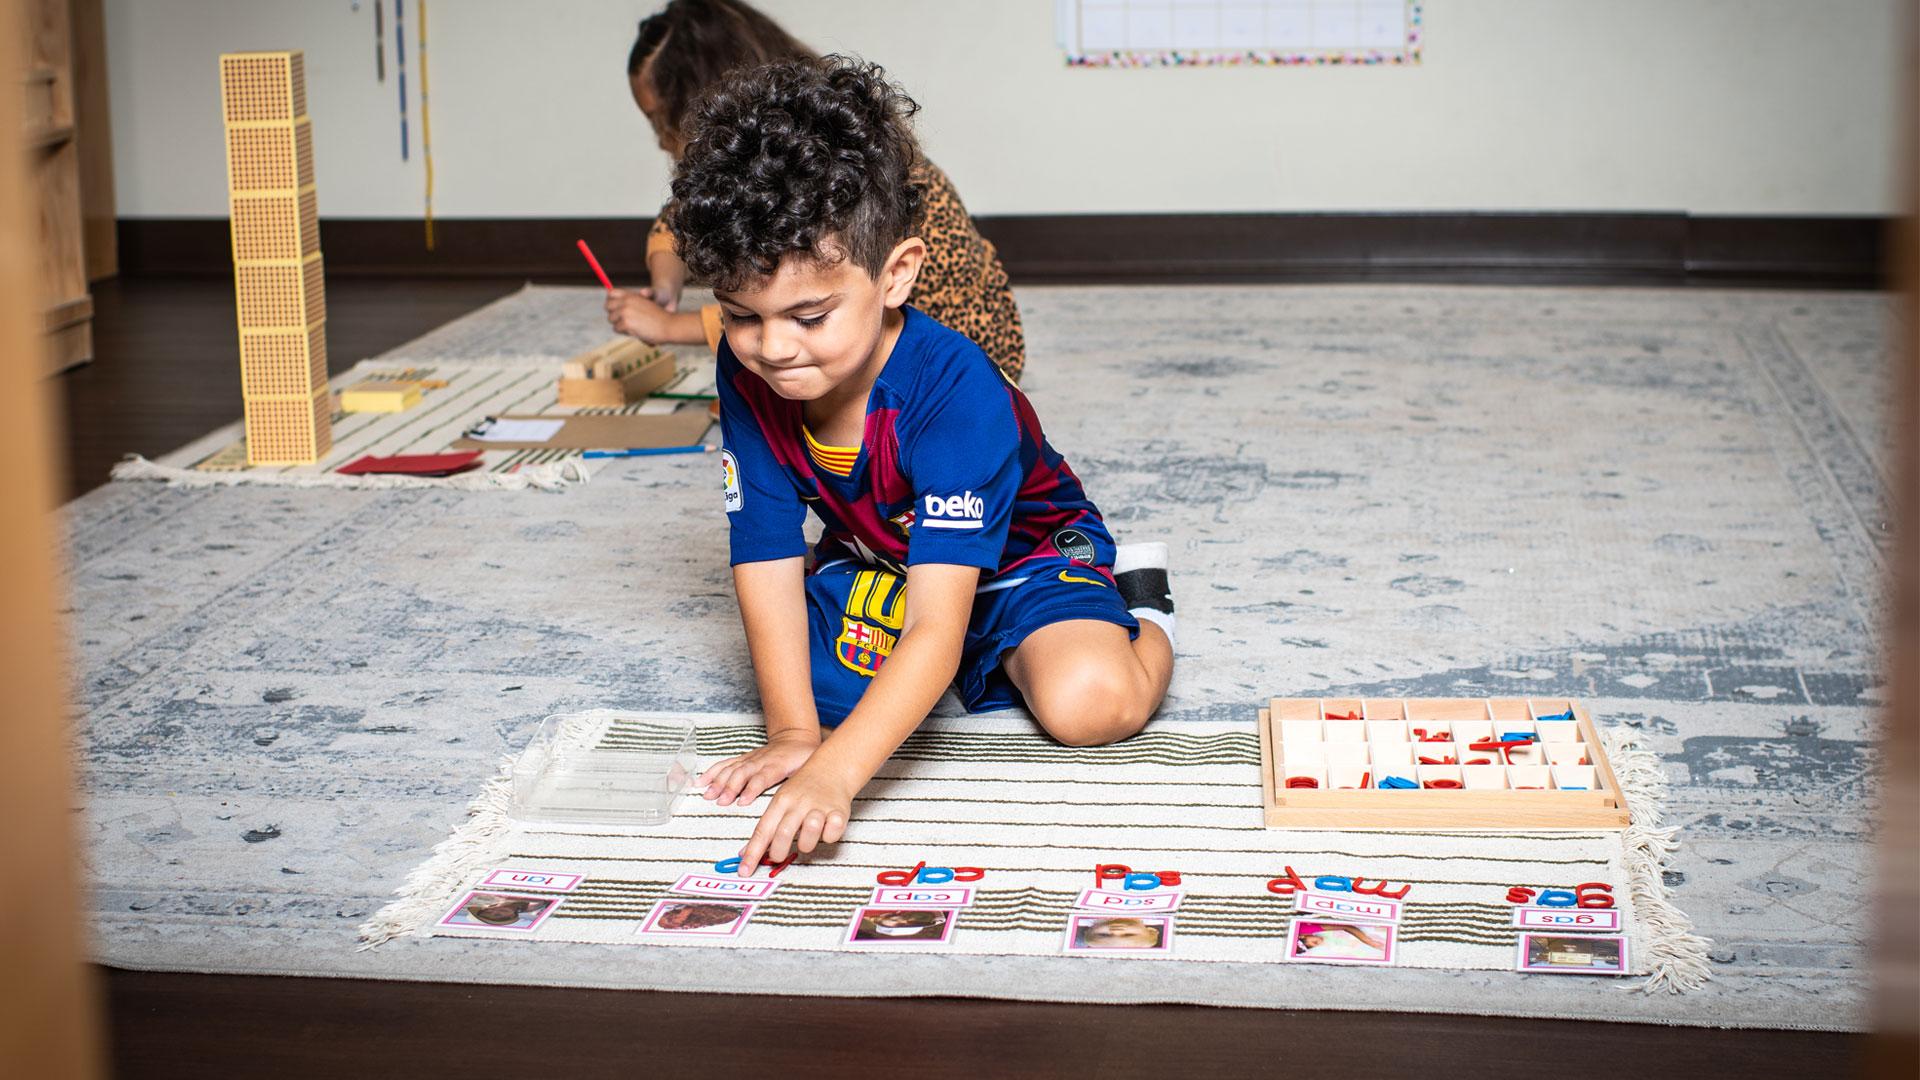 A little boy doing fun activities